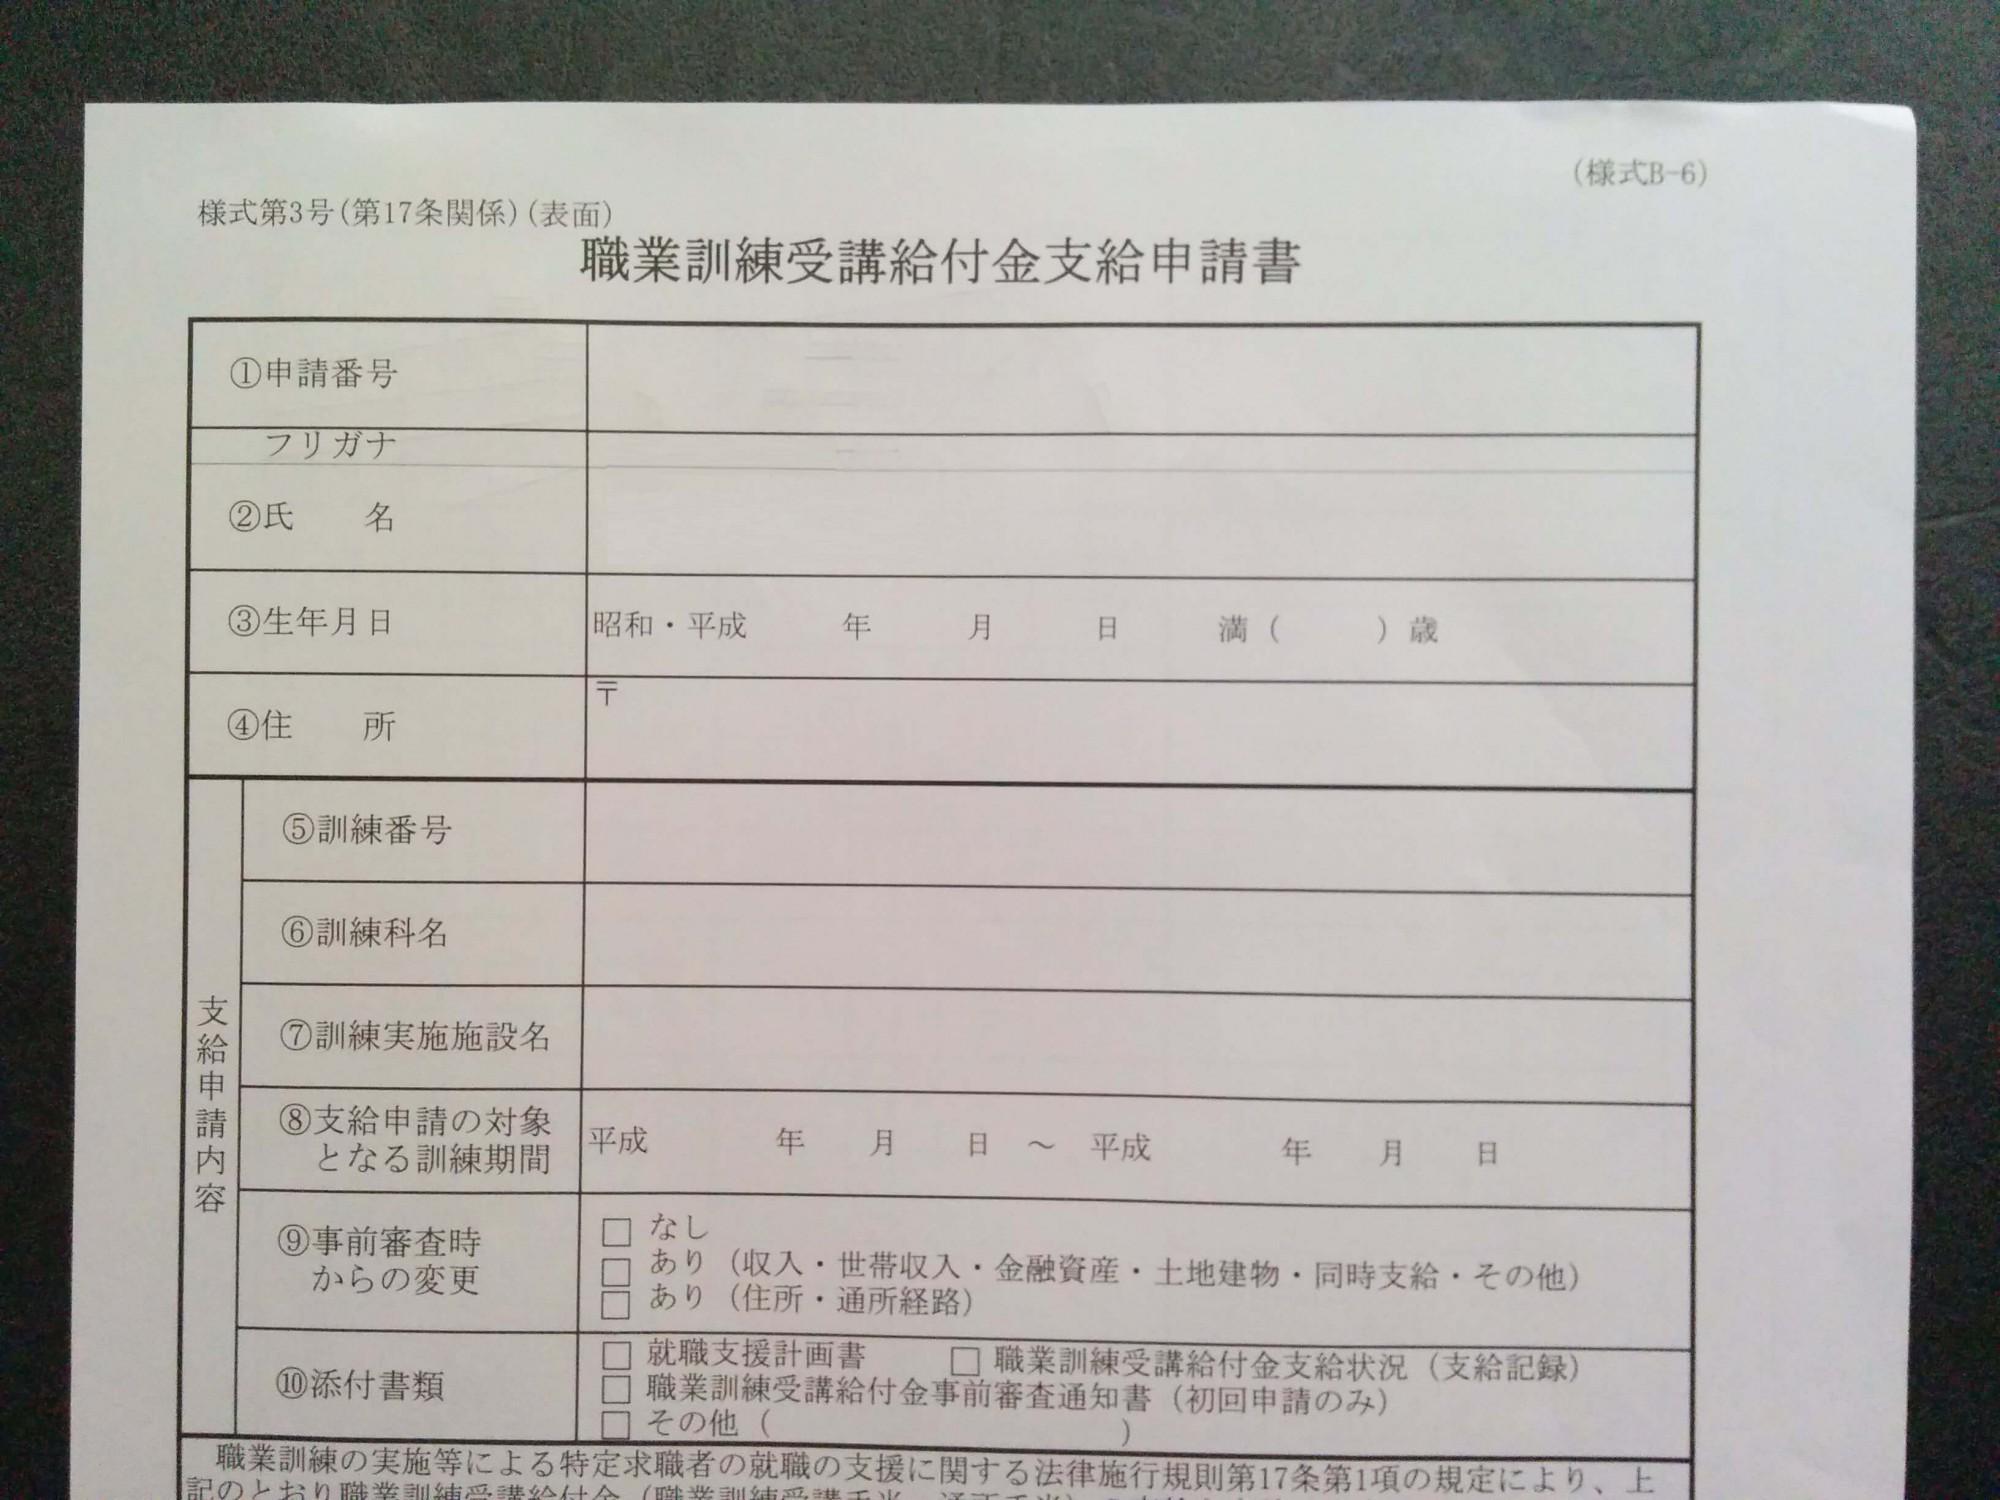 職業訓練受講給付金支給申請書